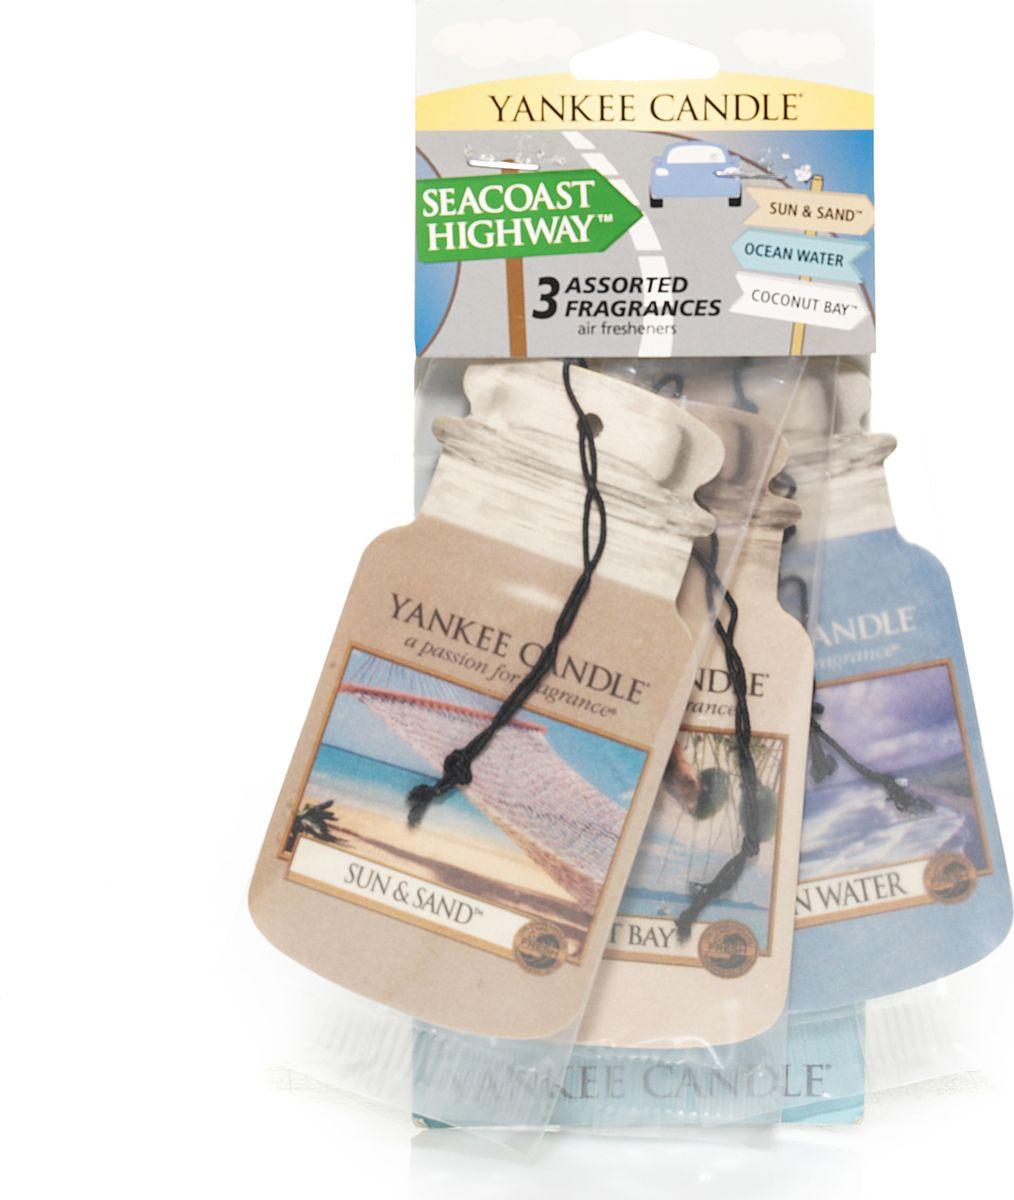 Авто-ароматизатор Yankee Candle Морское побережье, сухой, 3 шт16CAR63Упаковка содержит 3 аромата ( Солнце и песок, Кокосовое побережье , Пляжная вода ). Ароматизатор от самого известного производителя ароматов для дома в мире , Yankee Candle , прекрасно ароматизирует маленькие пространства, при этом не обладая навязчивым запахом, от которого нужно будет проветривать ваш автомобиль . Срок службы каждого ароматизатора до 30 дней.